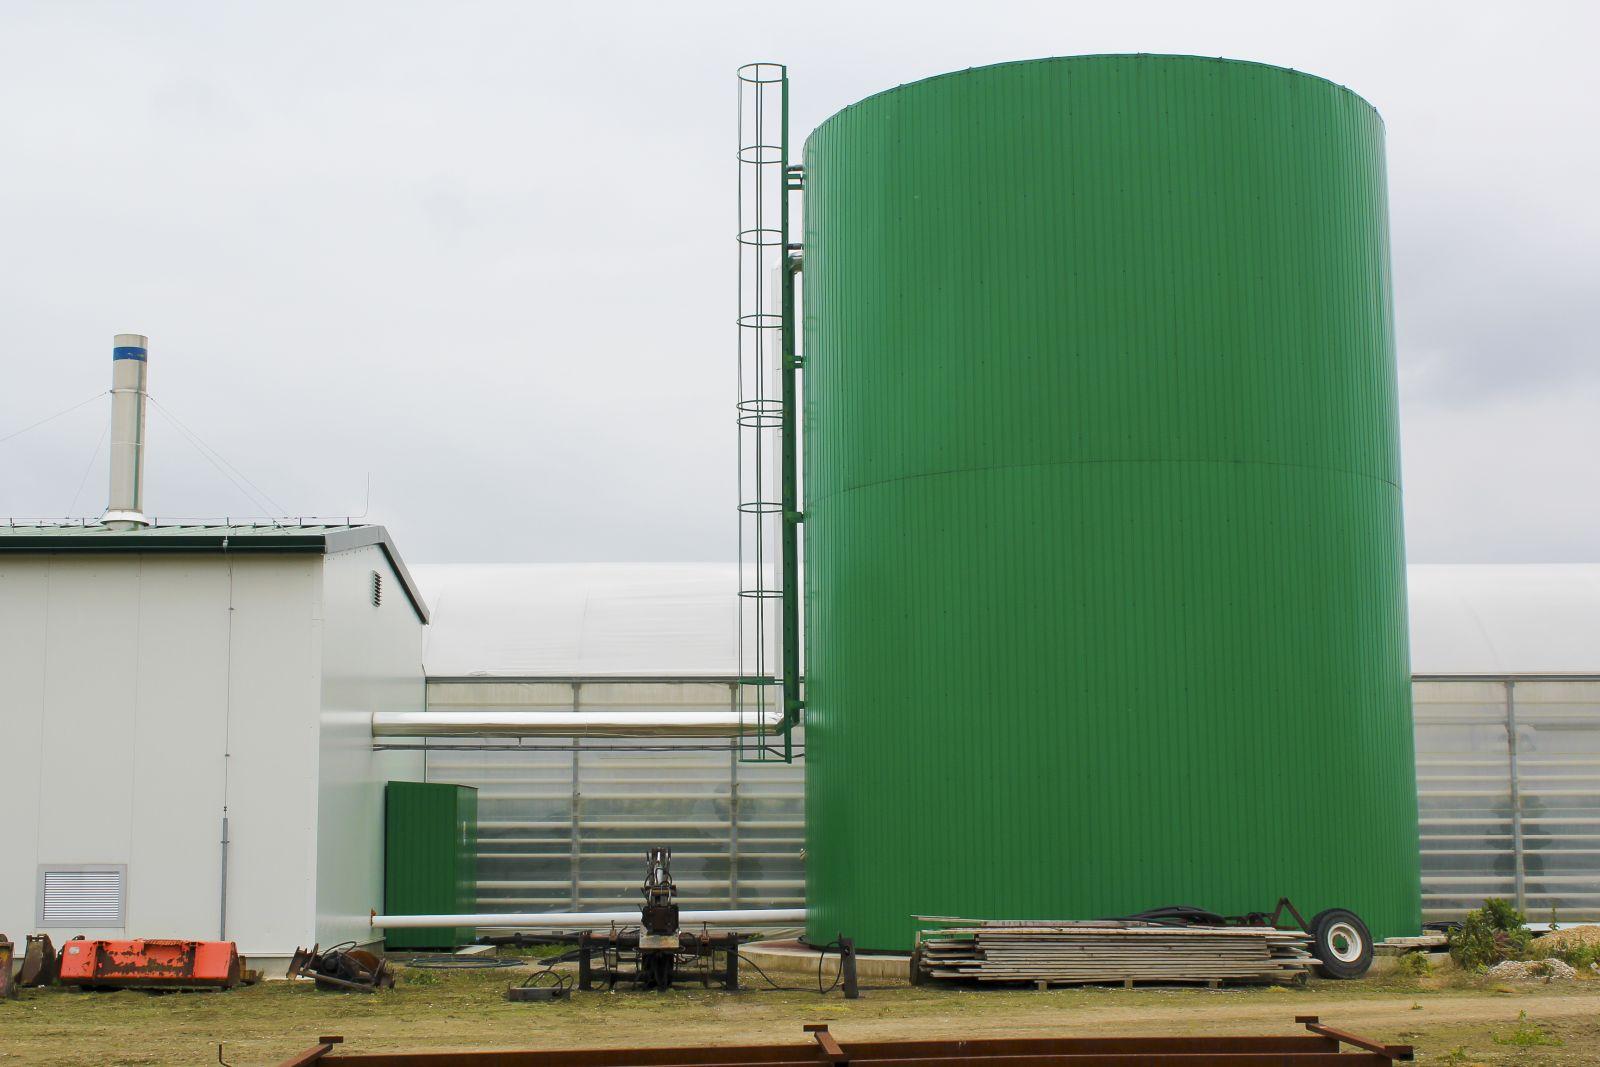 Nádrže s teplou vodou v izolovanom vyhotovení pre skleník alebo fóliovník